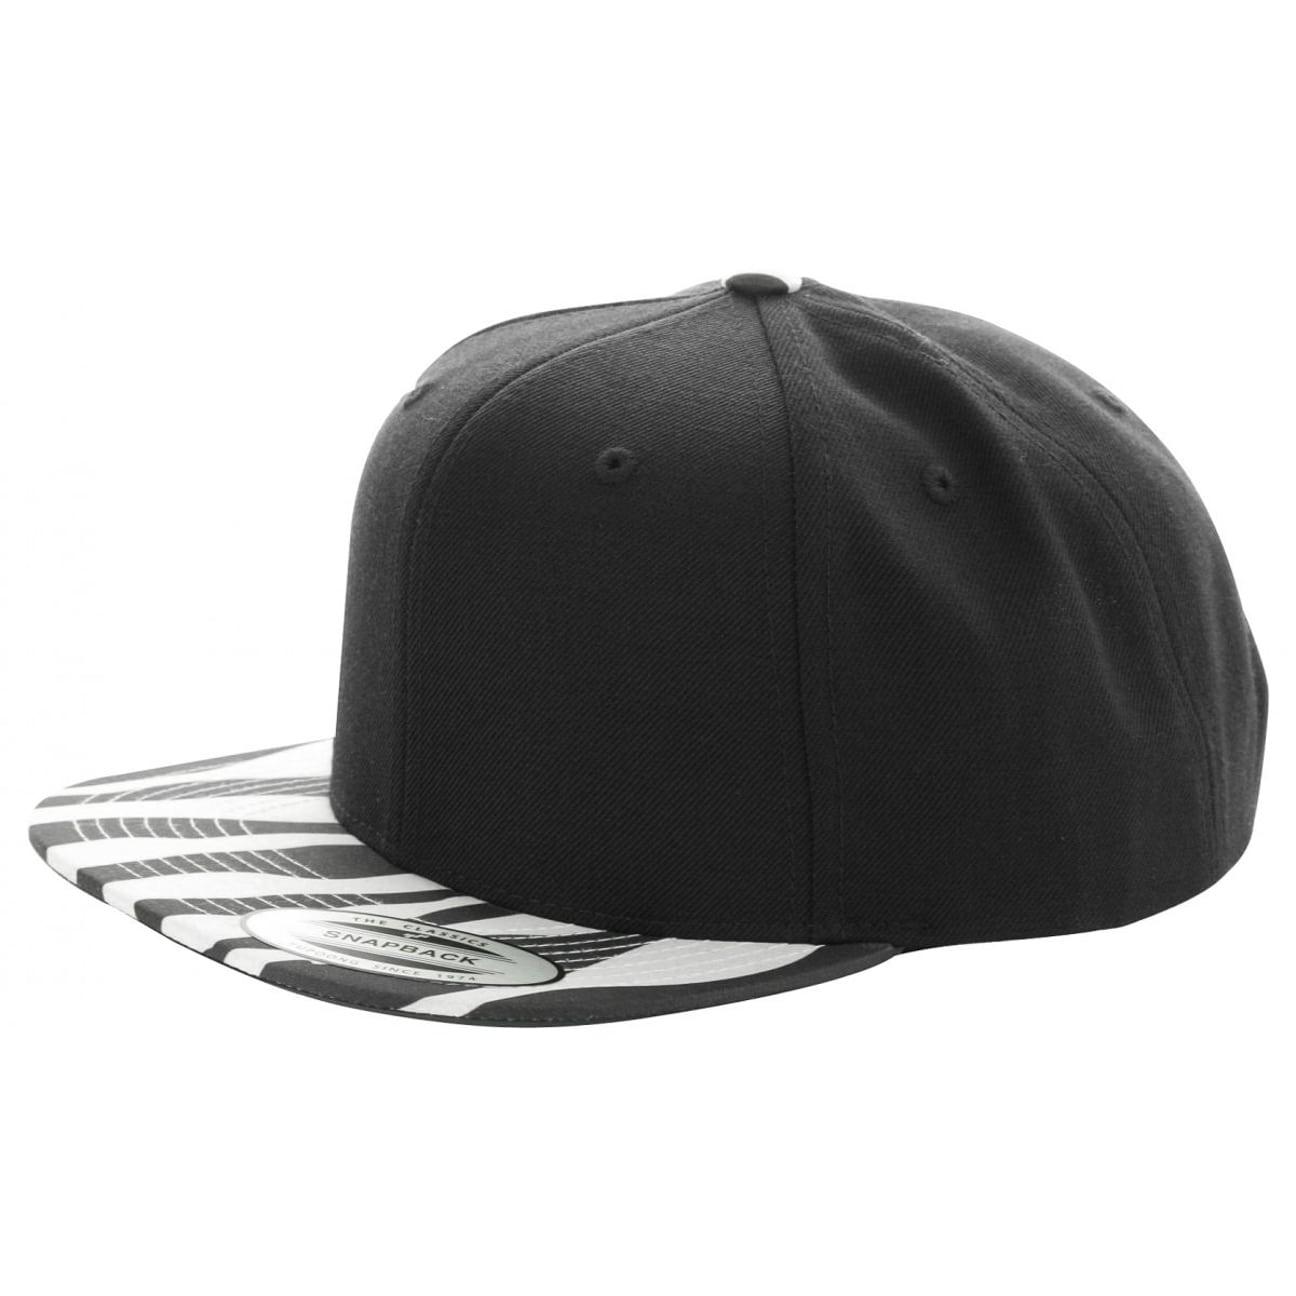 Gorra Snapback Flexfit Cebra - Gorras - sombreroshop.es 166abdbf2ea